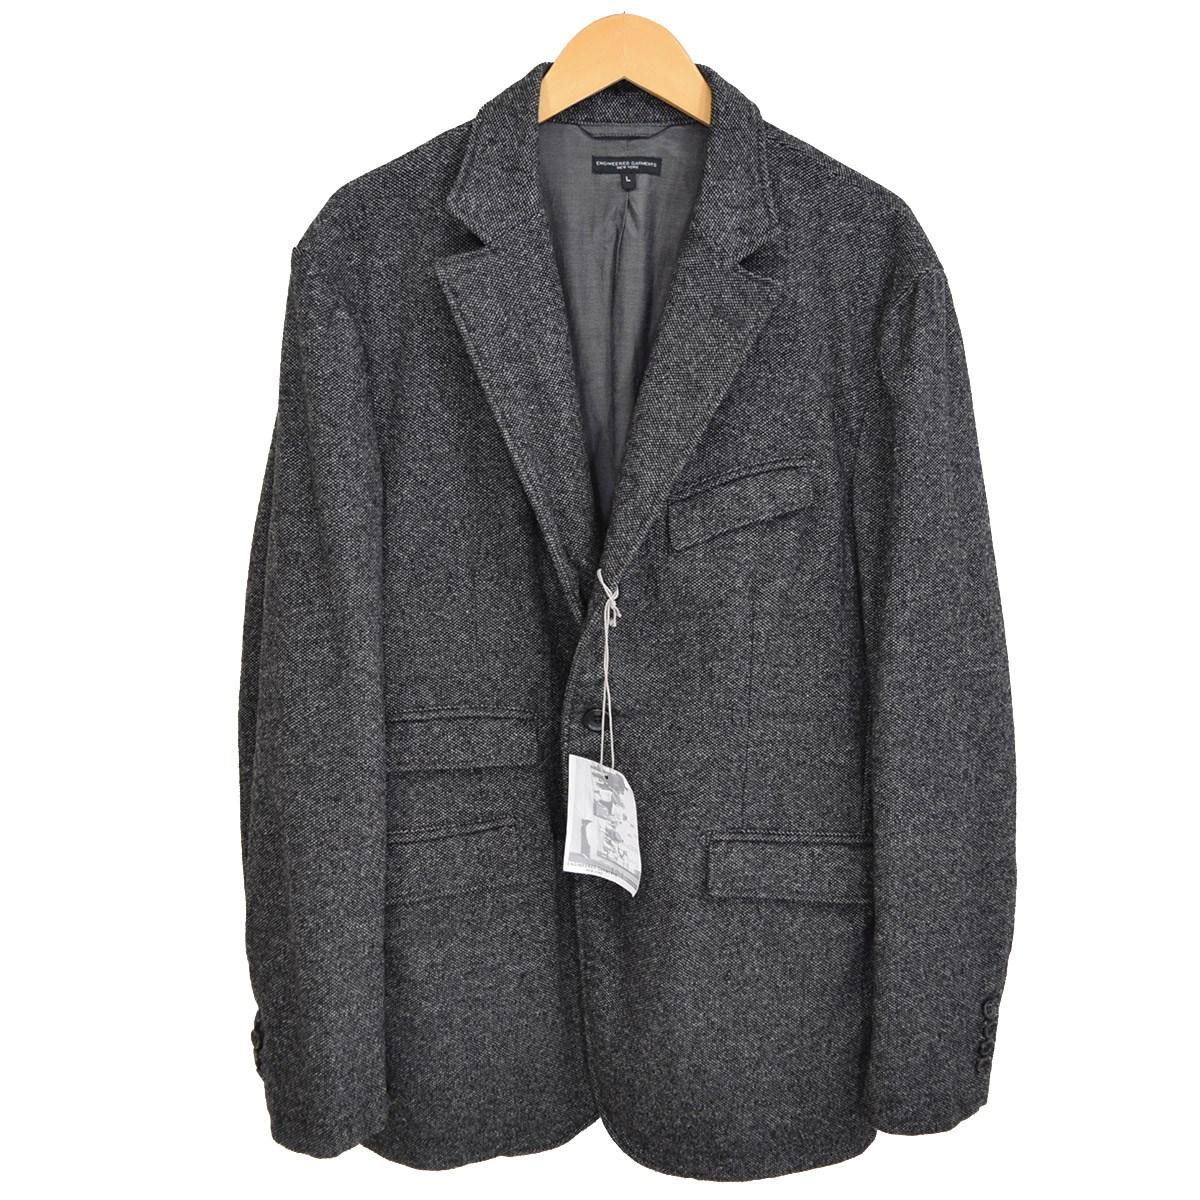 【中古】Engineered Garments Andover Jacket-Wool Homespun アンドーバージャケット 2017AW チャコールグレー サイズ:L 【160120】(エンジニアードガーメンツ)